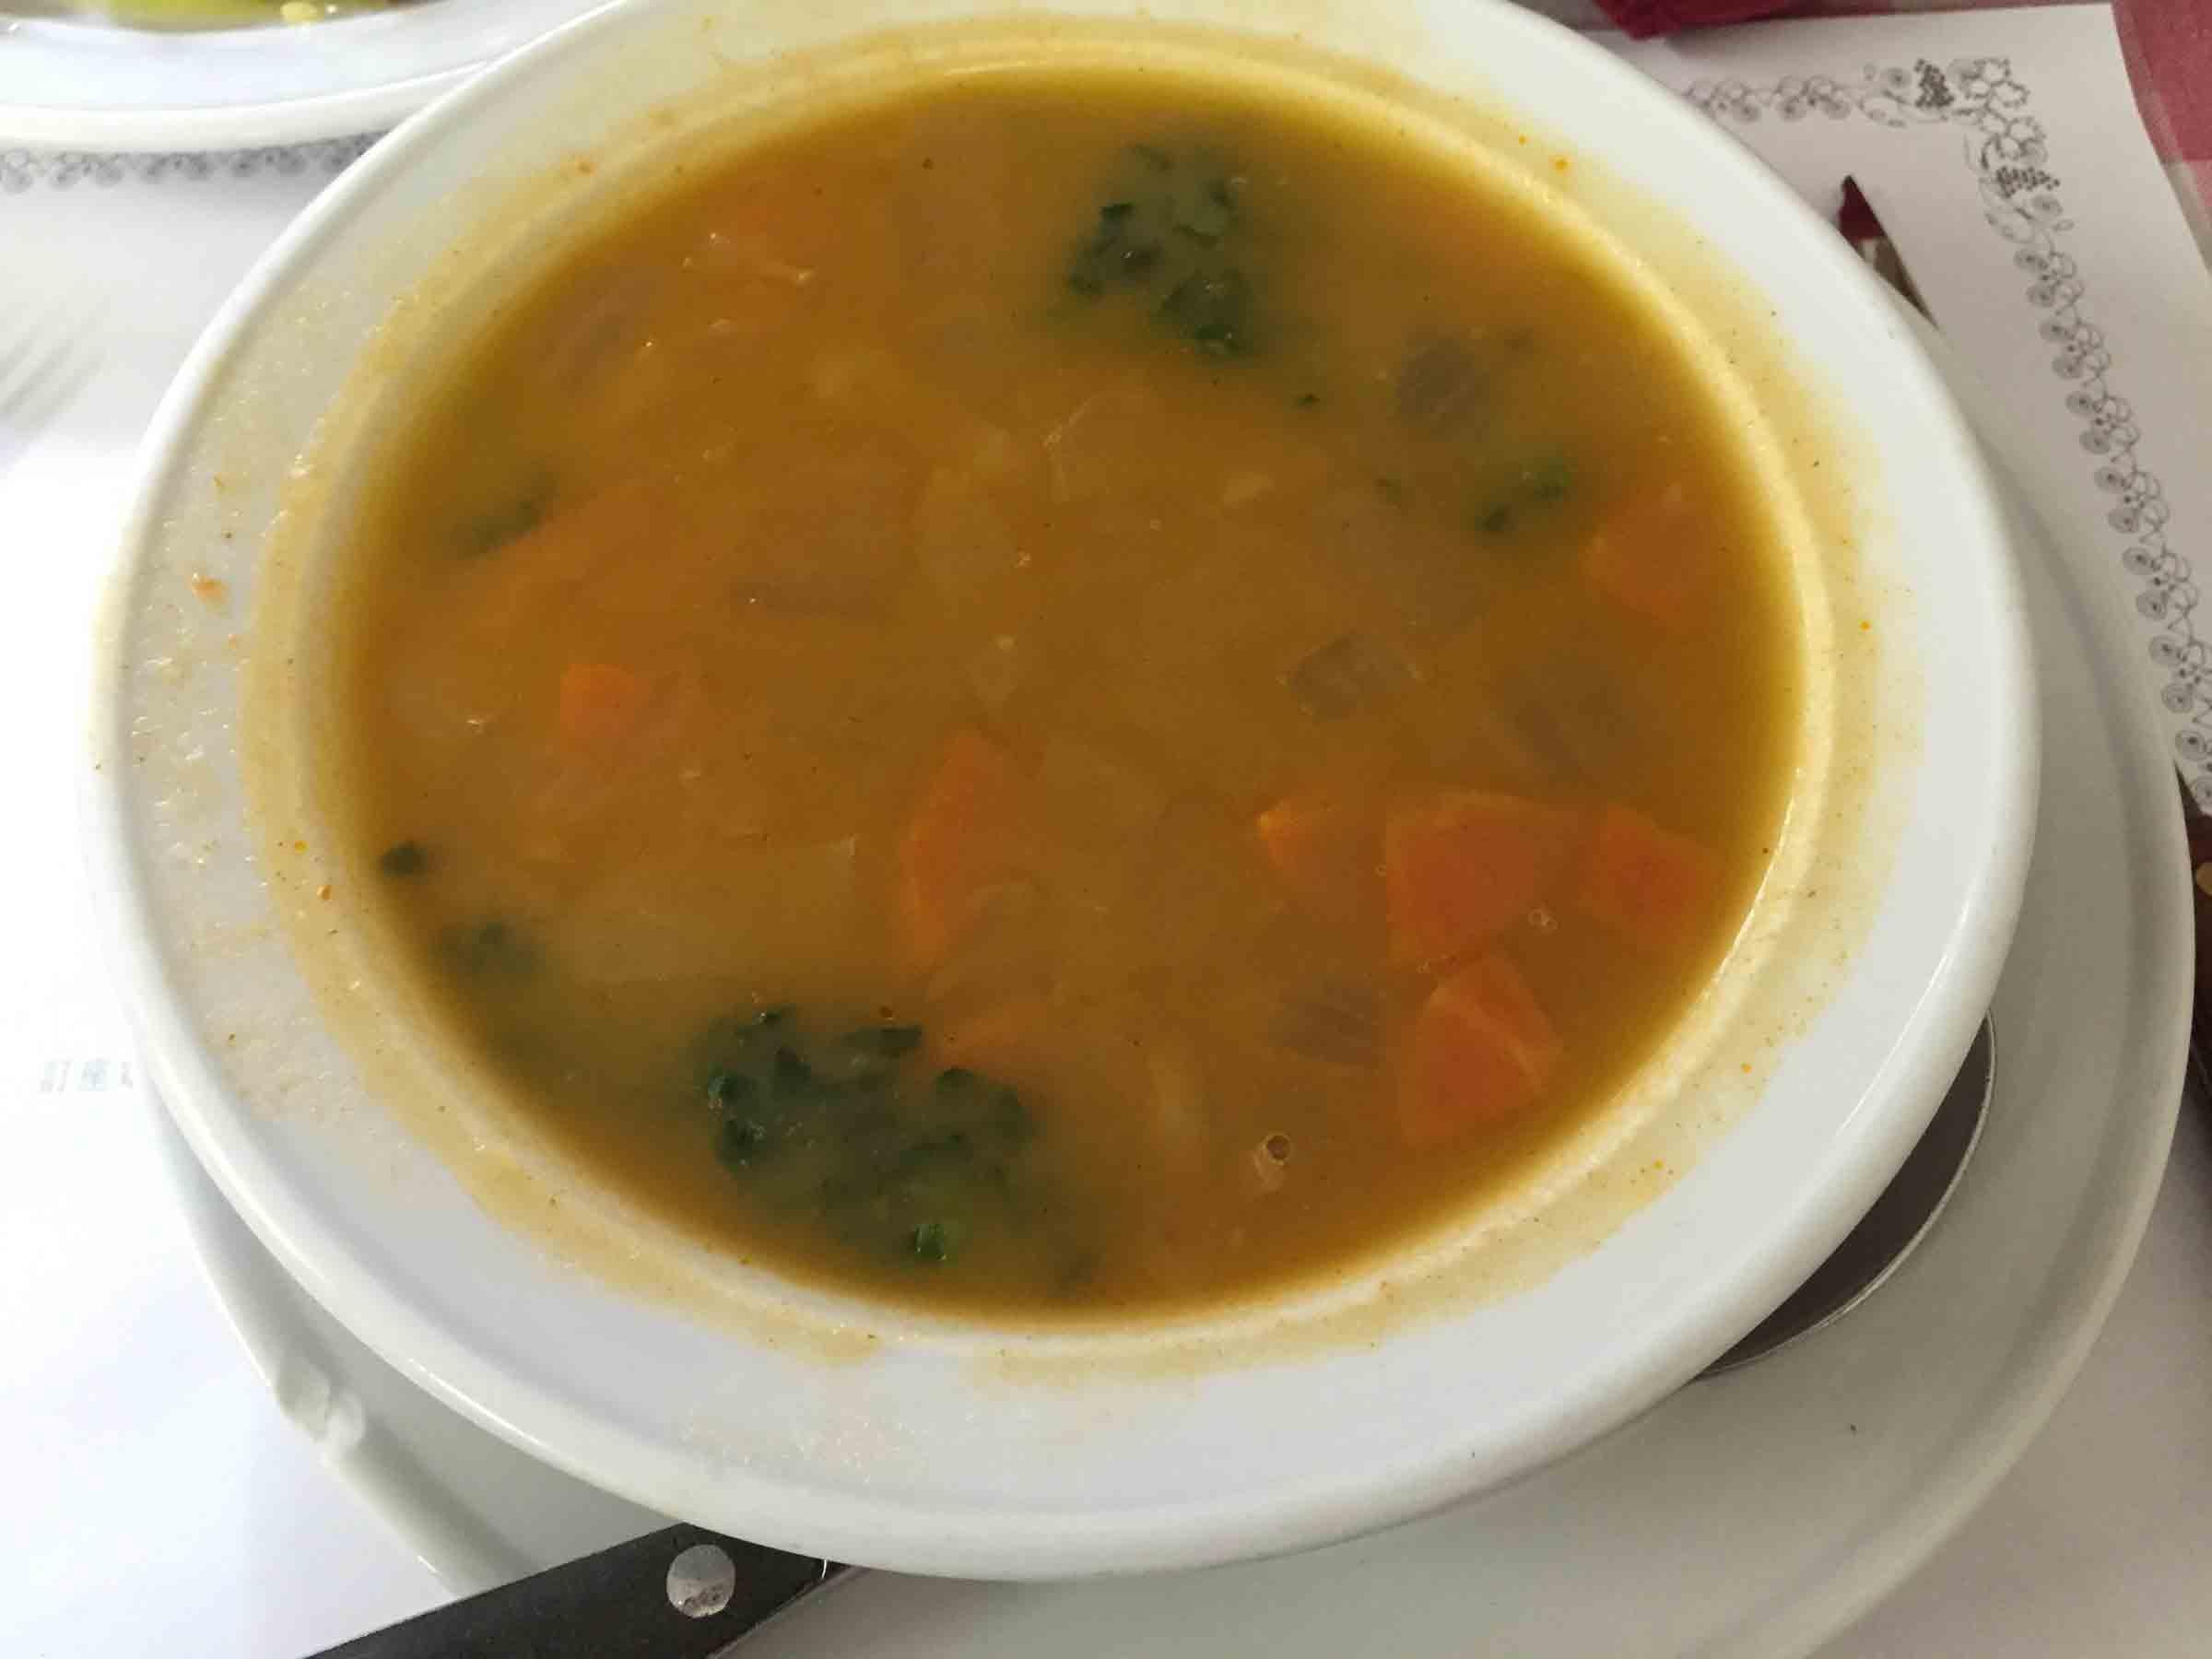 A Petisqueira Vegetable Soup